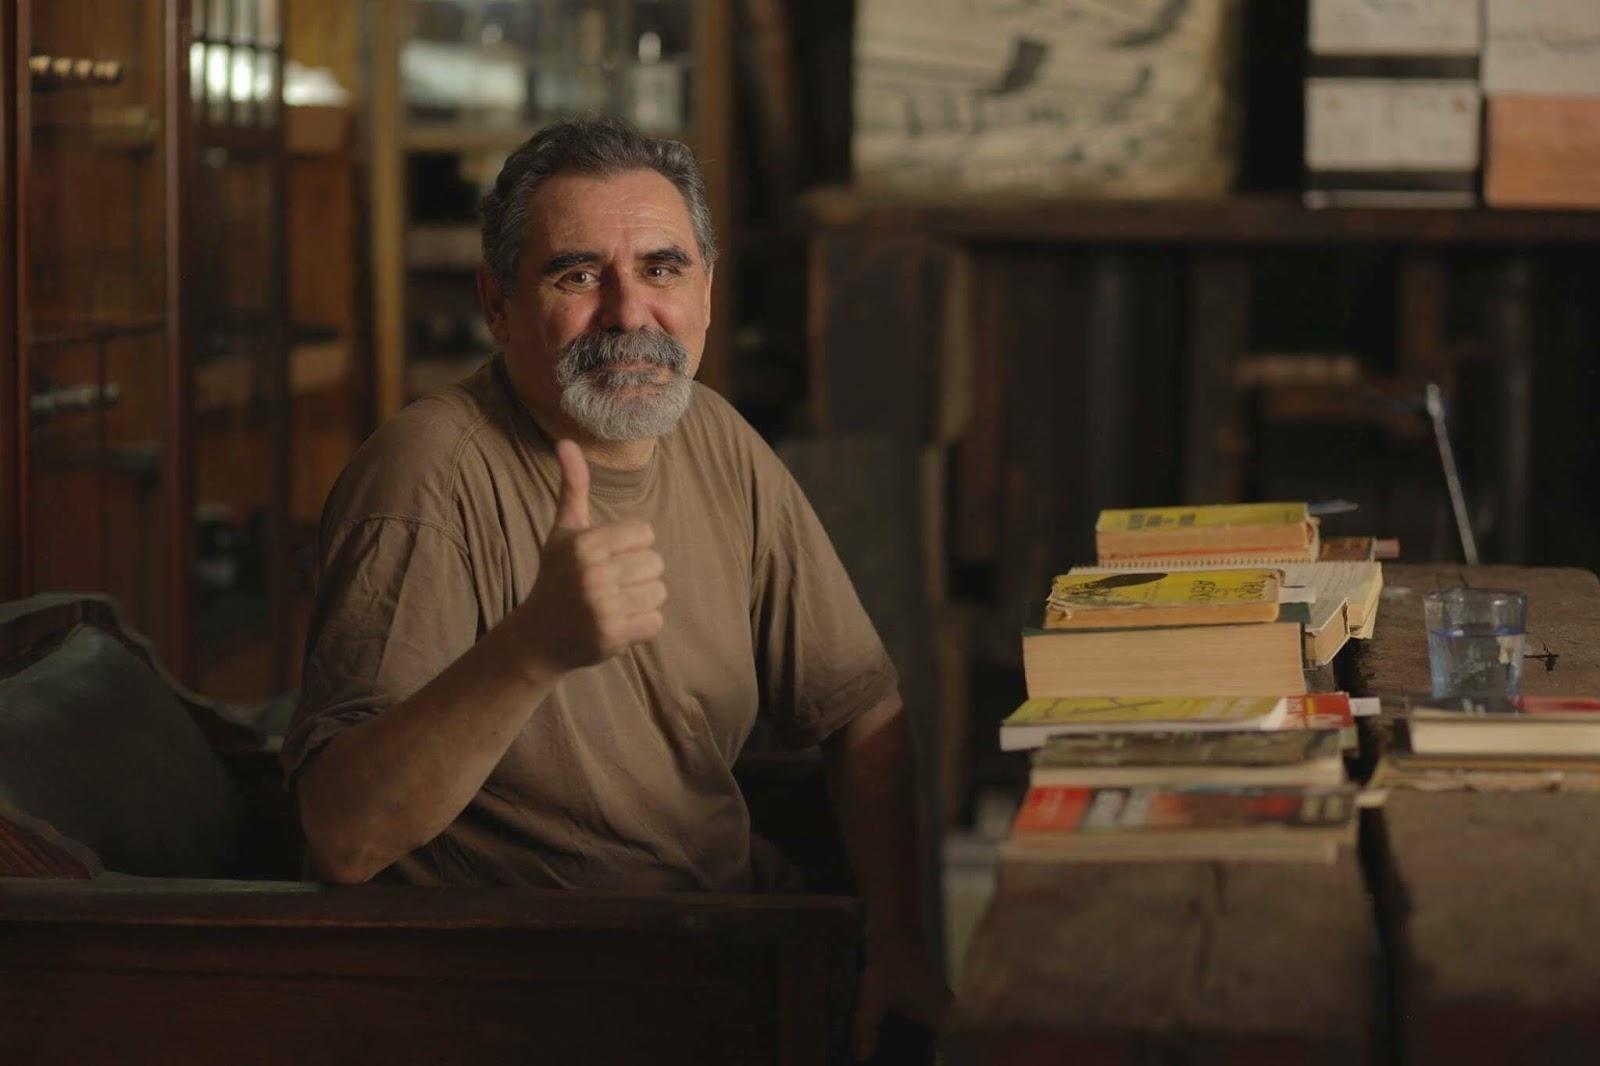 Un café en Buenos Aires con el escritor Marcelo di Marco - LIBROS ...